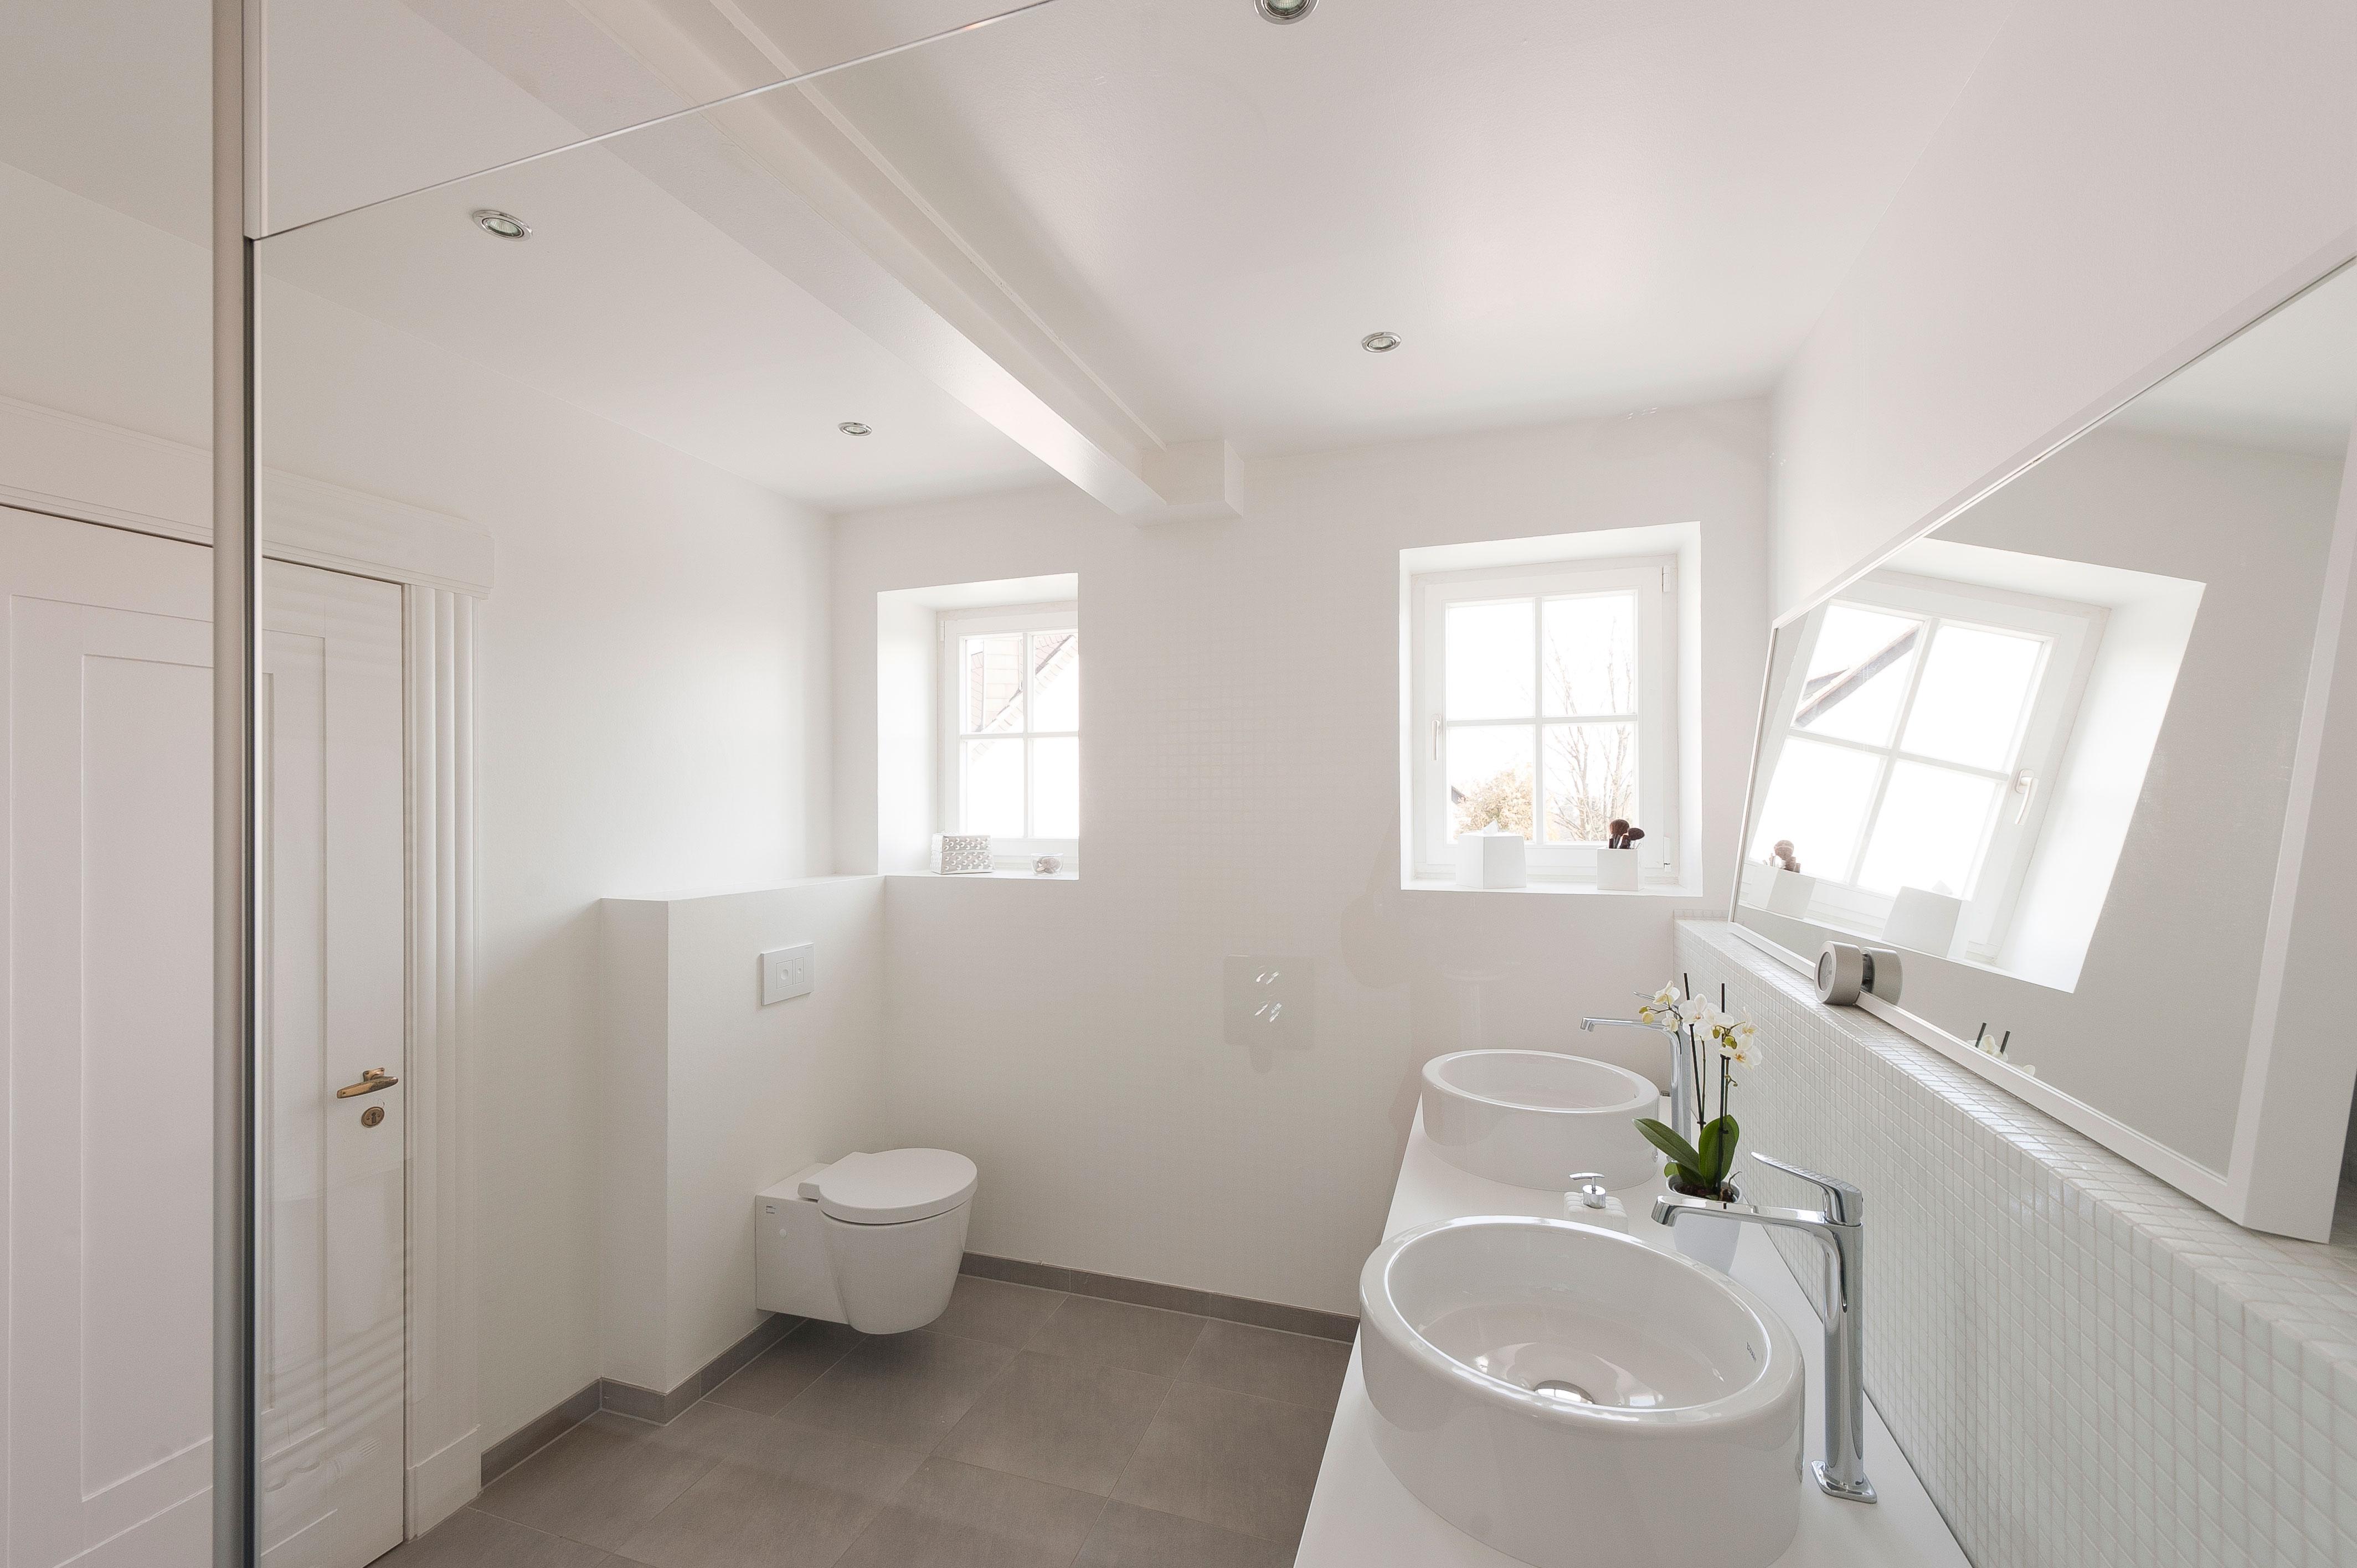 Wuppertal sanierung einfamilienhaus badezimmer oxenfart for Sanierung badezimmer